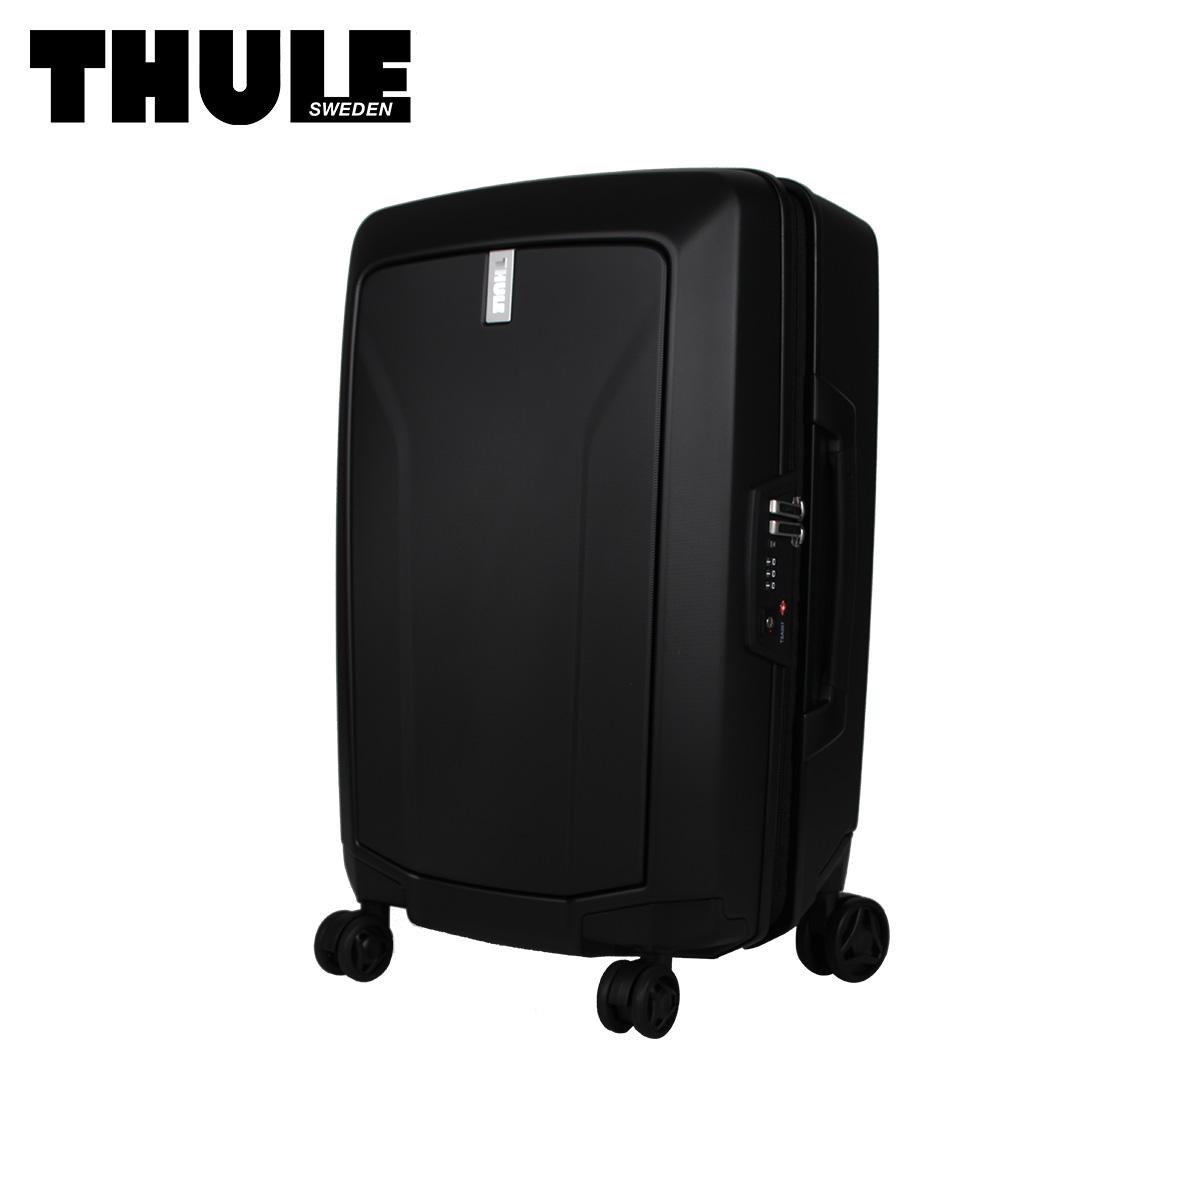 スーリー THULE バッグ キャリーケース キャリーバッグ スーツケース メンズ レディース 機内持ち込み 33L REVOLVE CARRY ON SPINNER ブラック 黒 3203921 [9月 新入荷]